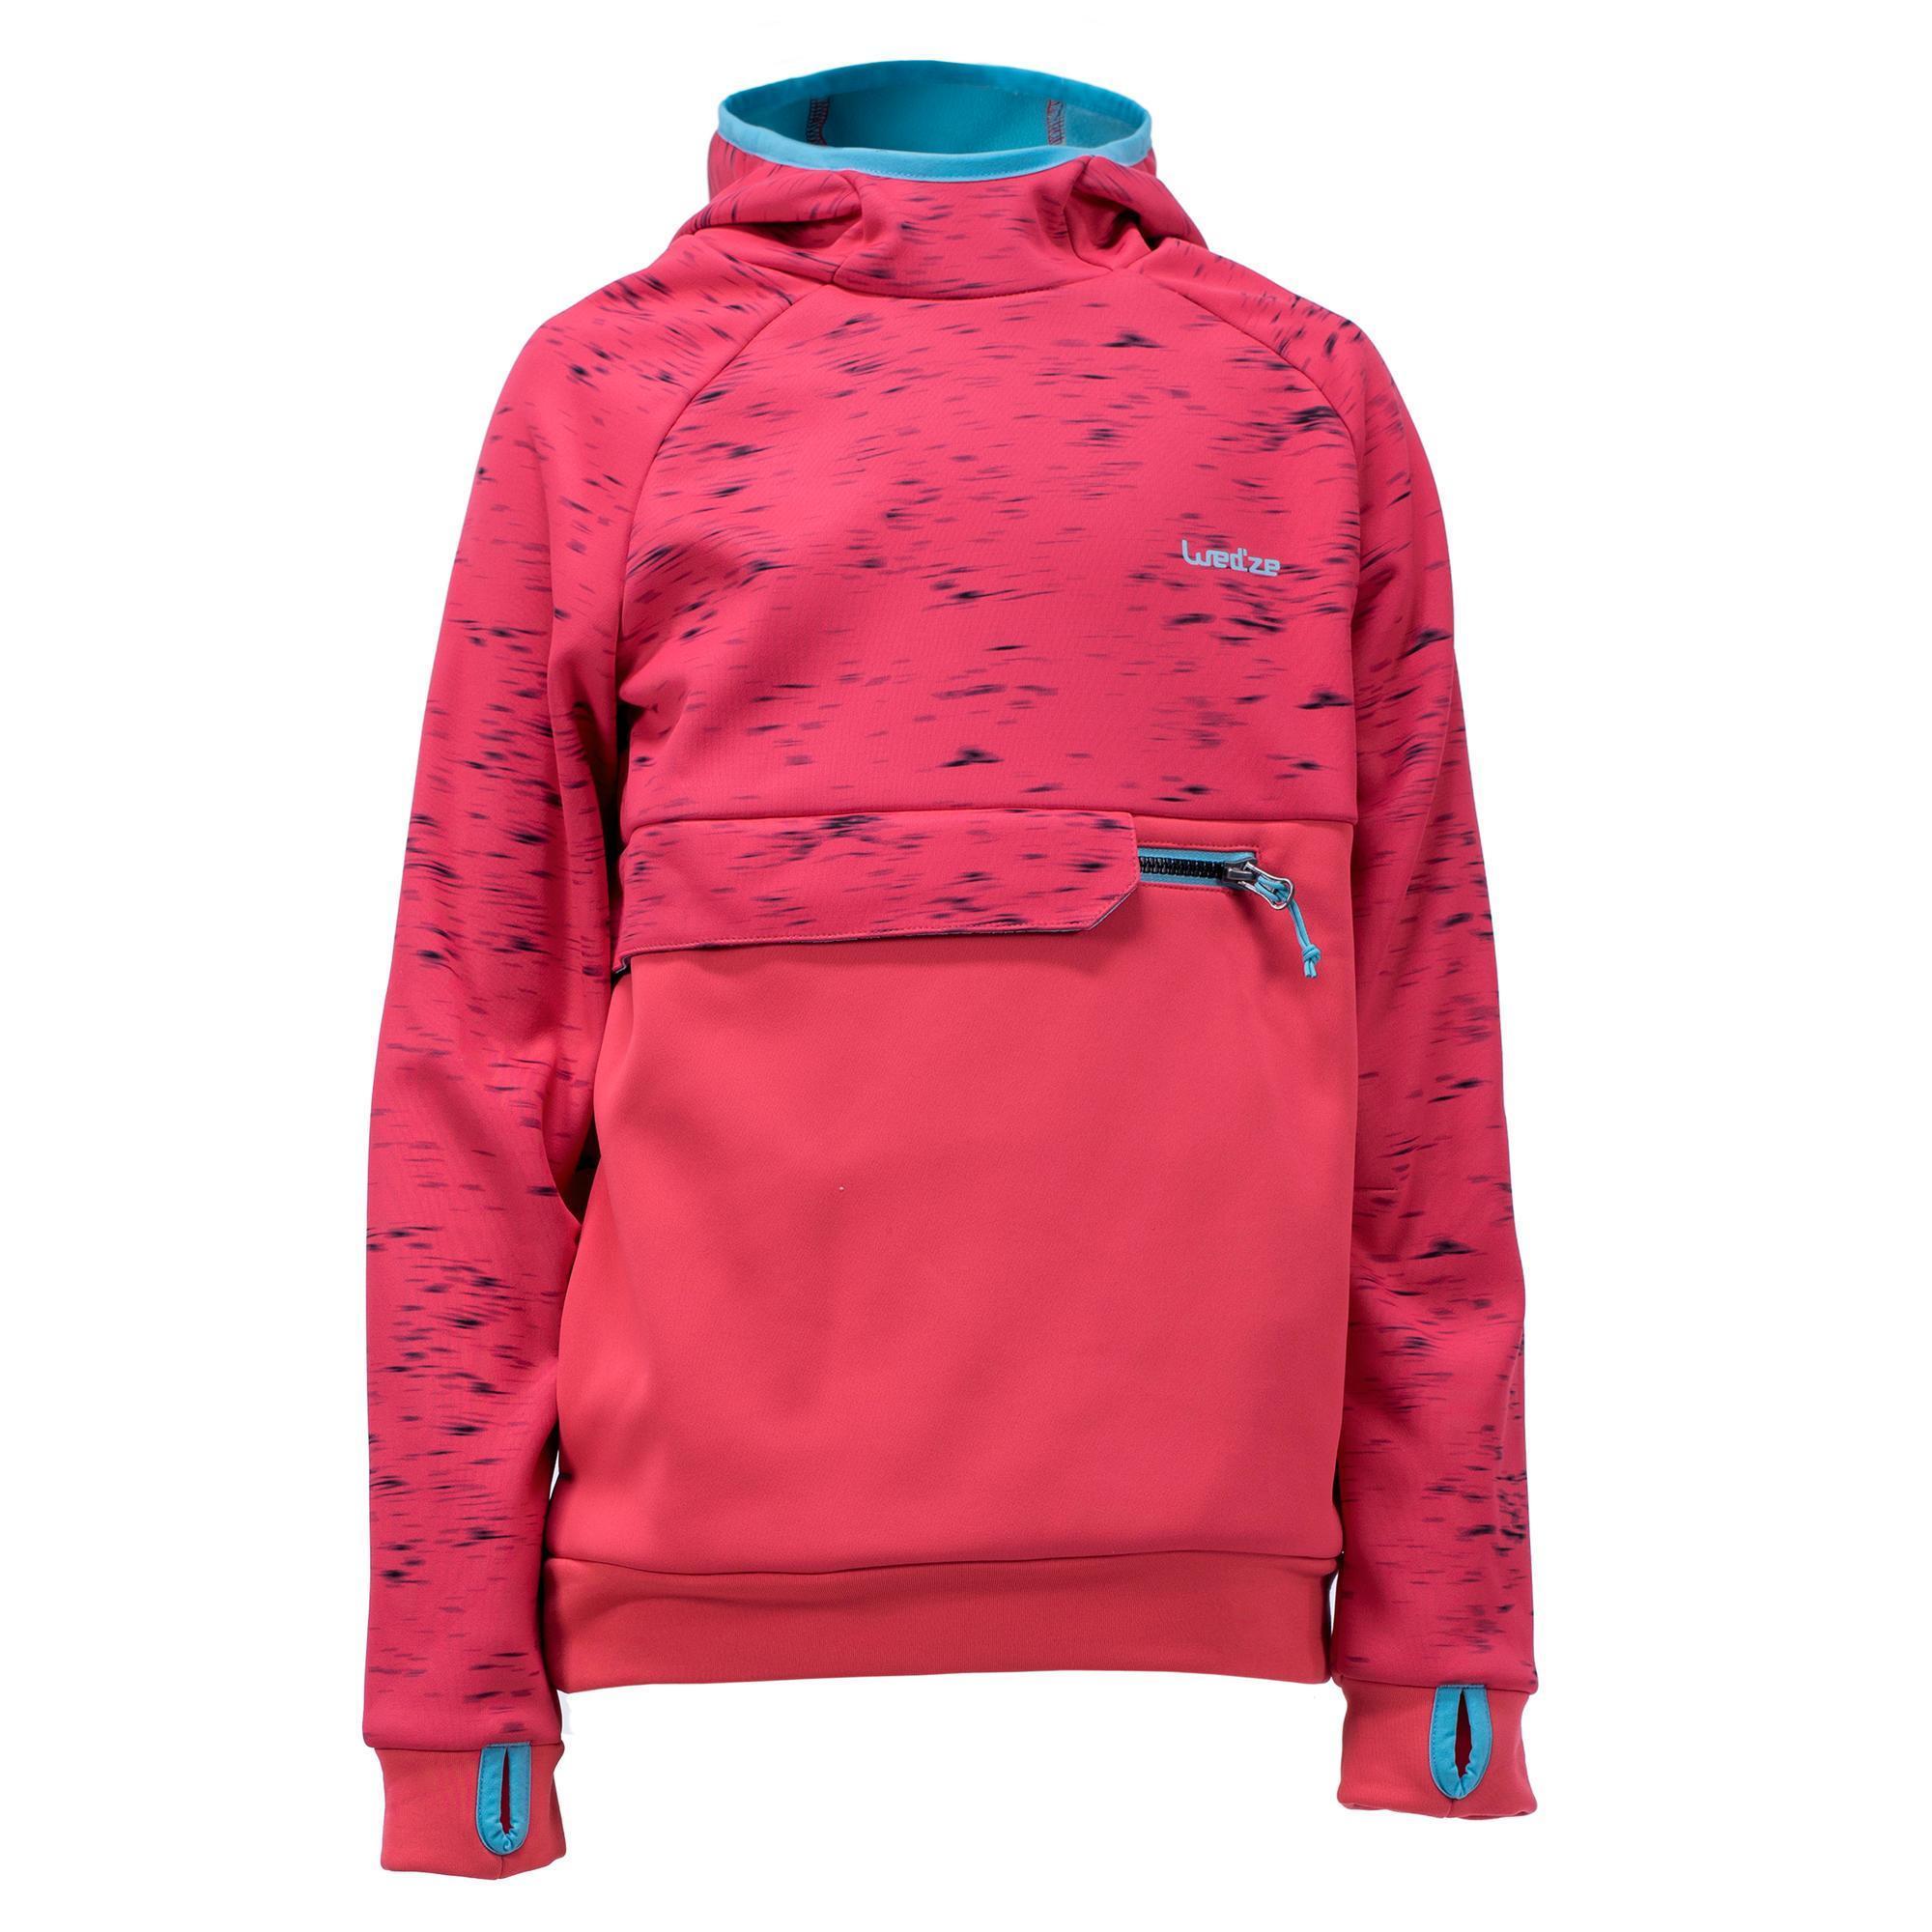 Jungen,Kinder,Mädchen,Kinder Sweatshirt Snowboard Ski SNB HDY Mädchen erdbeerrot | 03608449860338